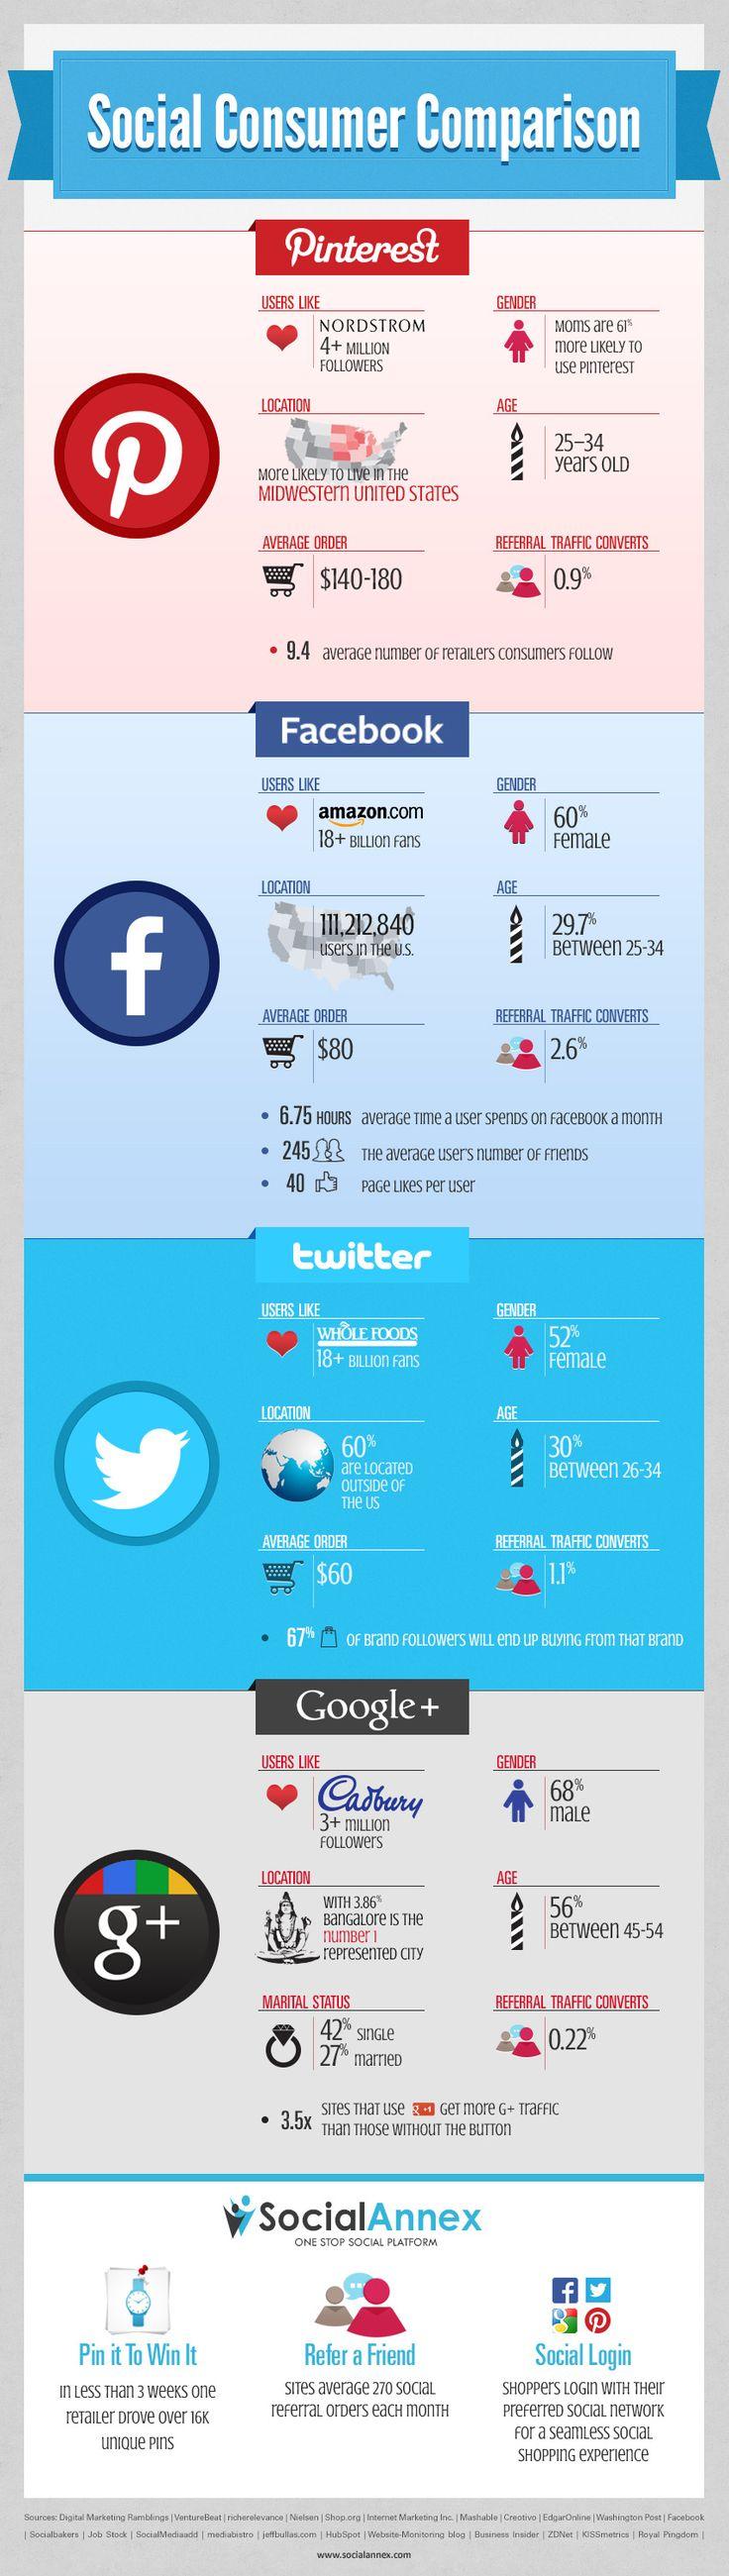 Social Consumer Comparison #socialmedia #infographic